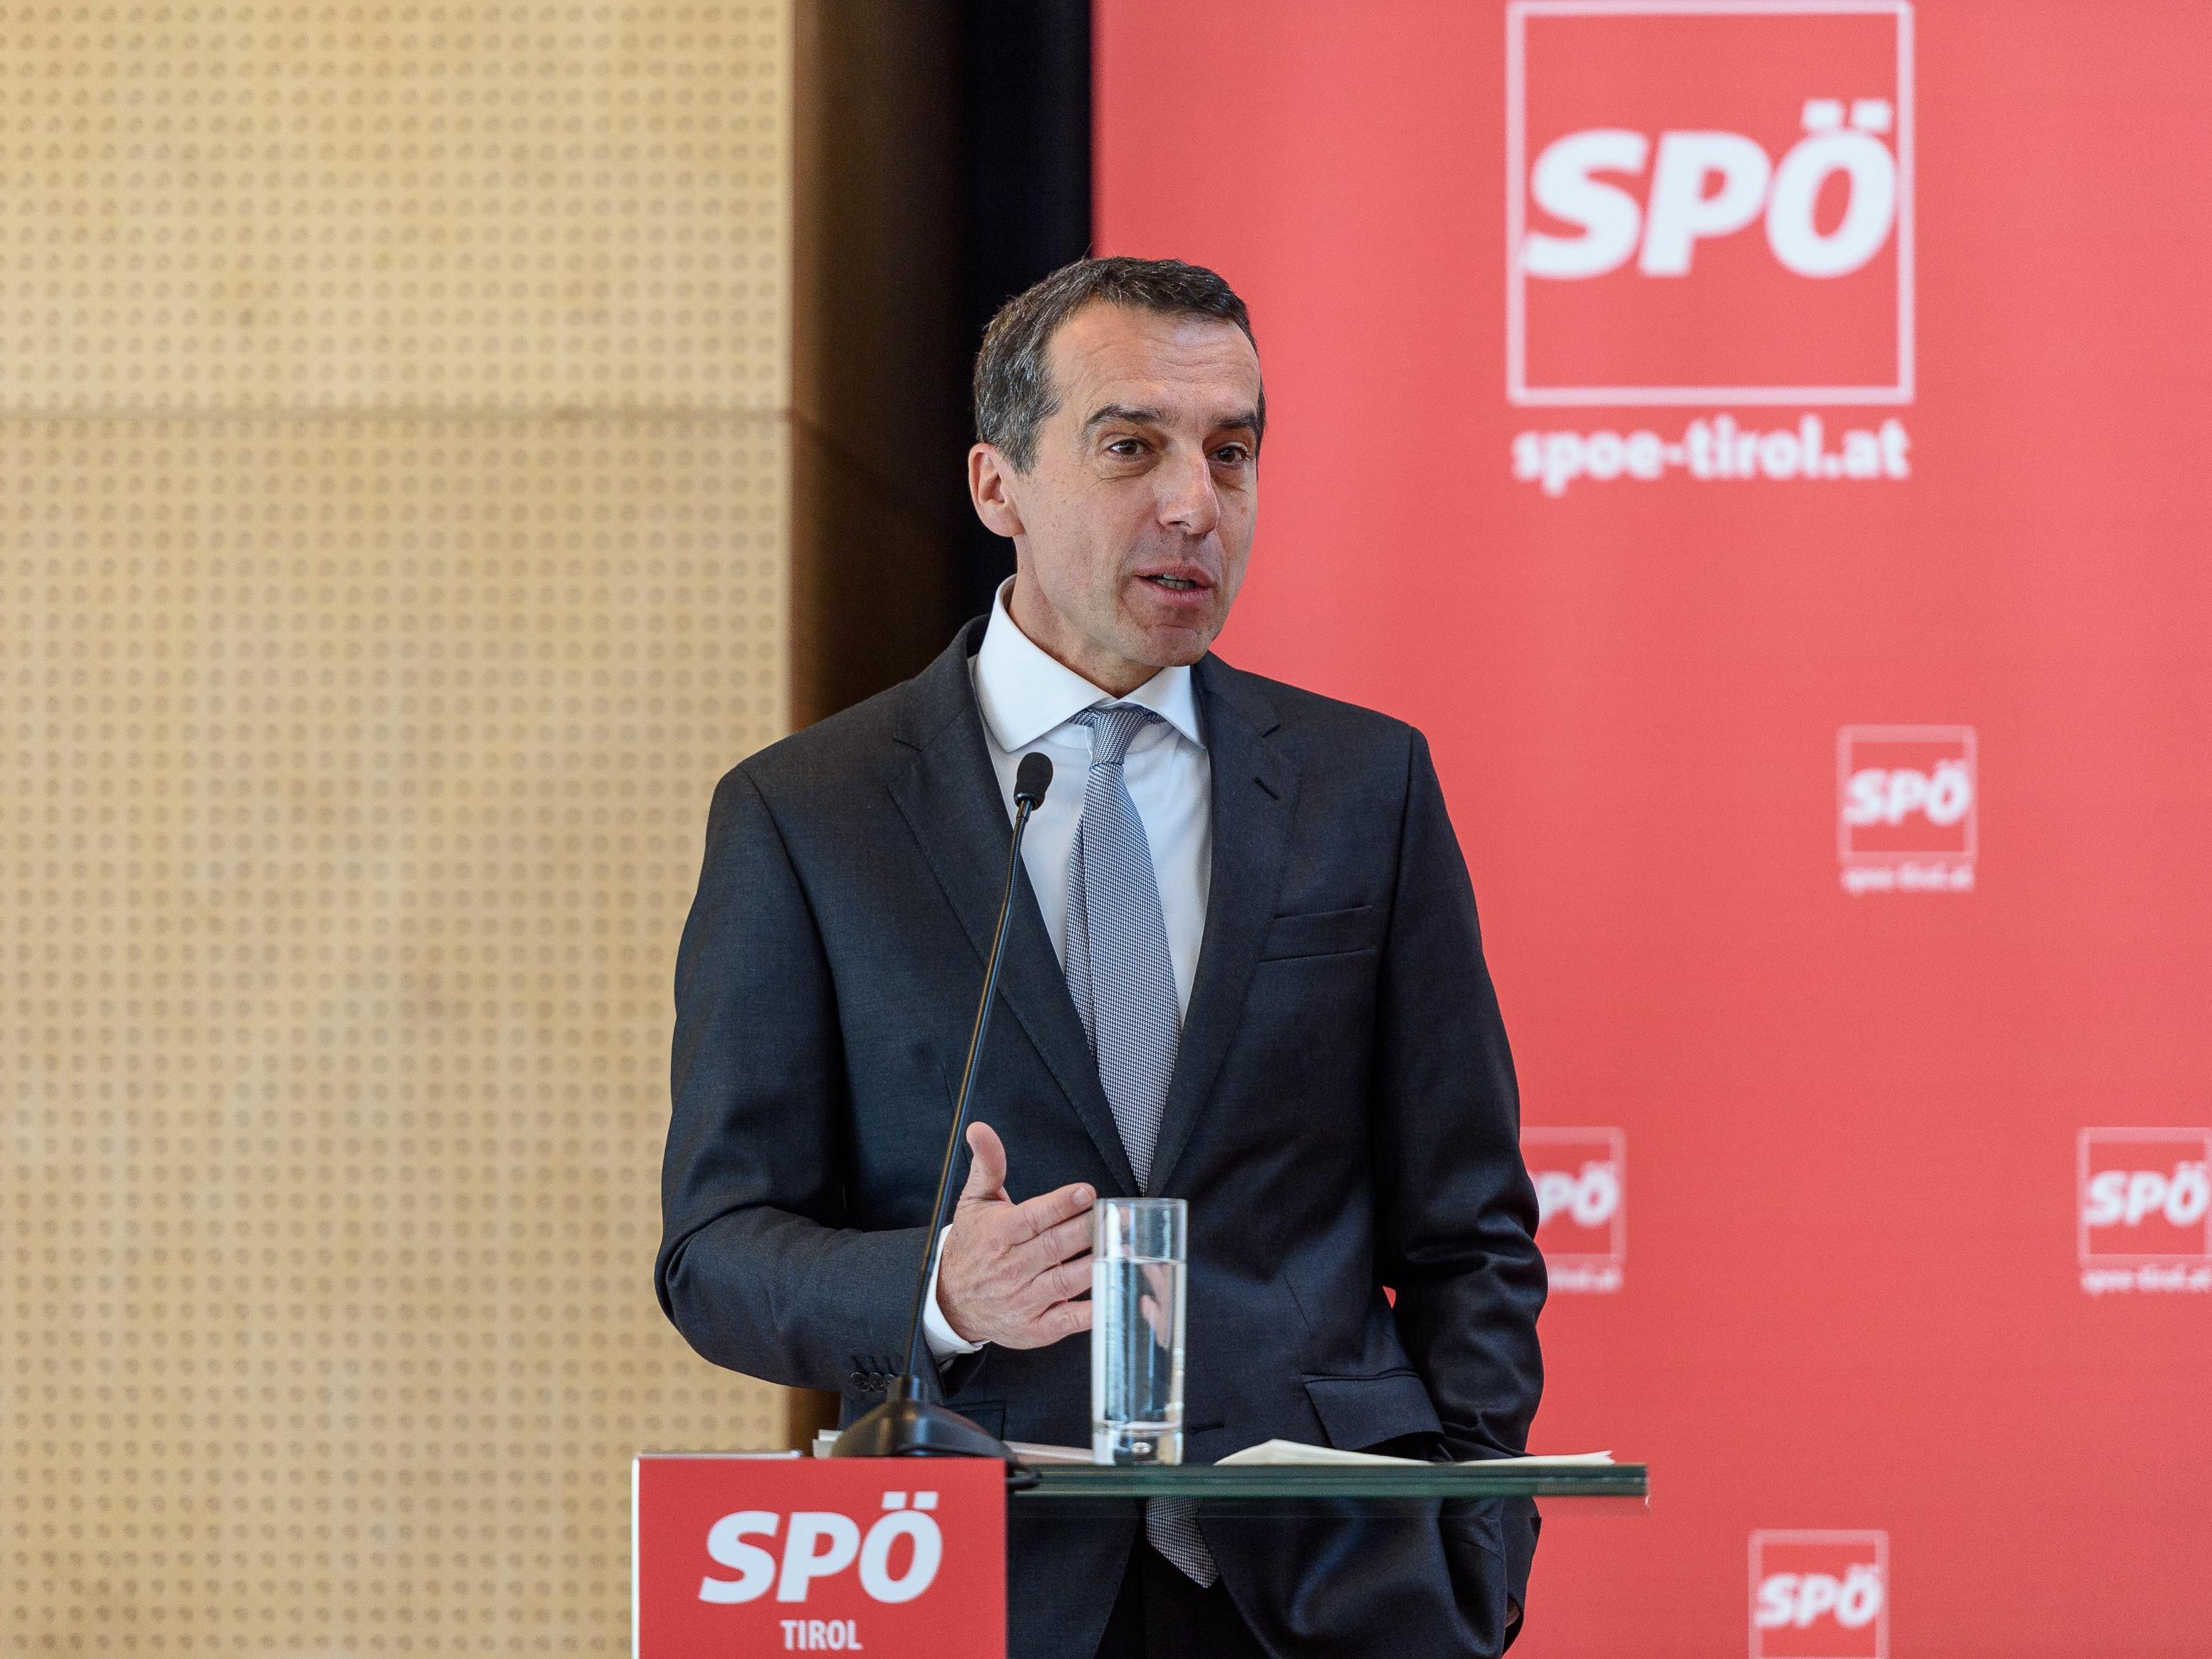 Christian Kern begeht den 1. Mai heuer erstmals als SPÖ-Chef und Bundeskanzler.